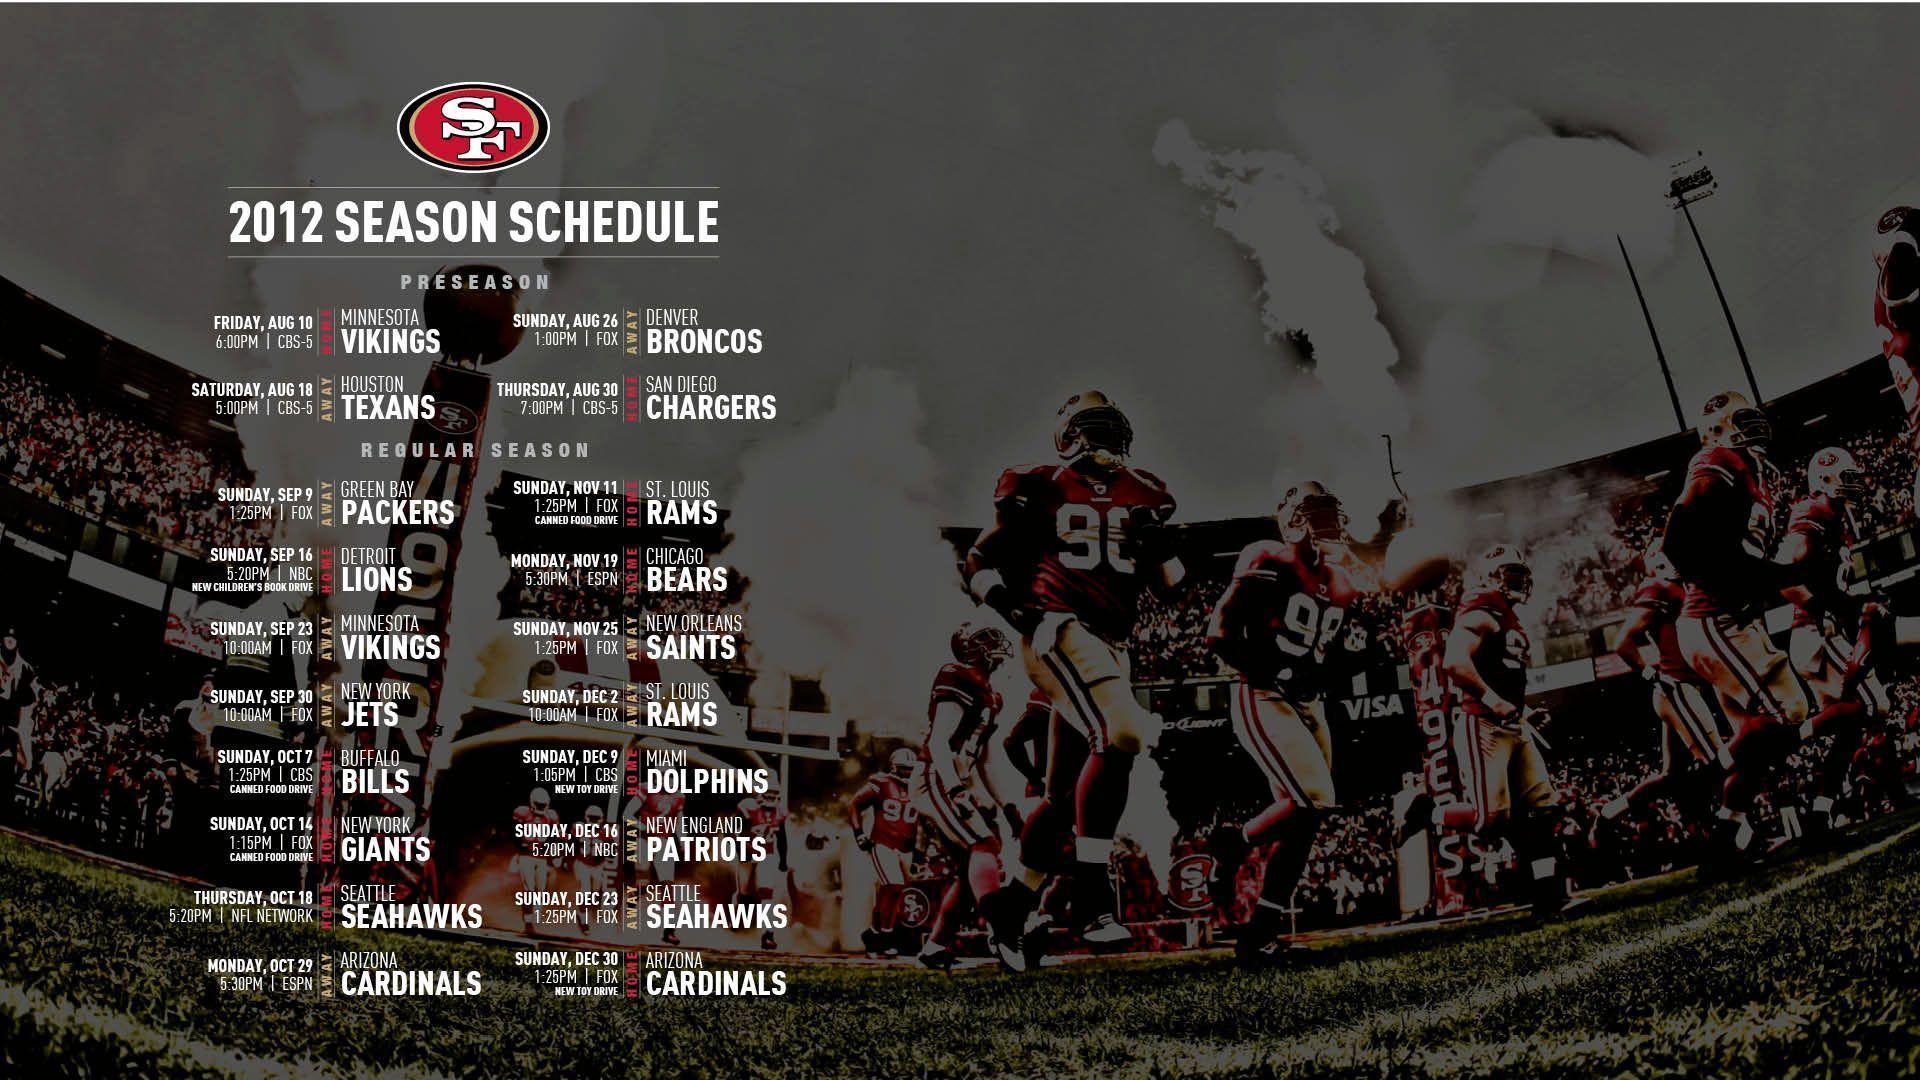 49ers 2016 schedule wallpapers wallpaper cave - 2015 49ers schedule wallpaper ...